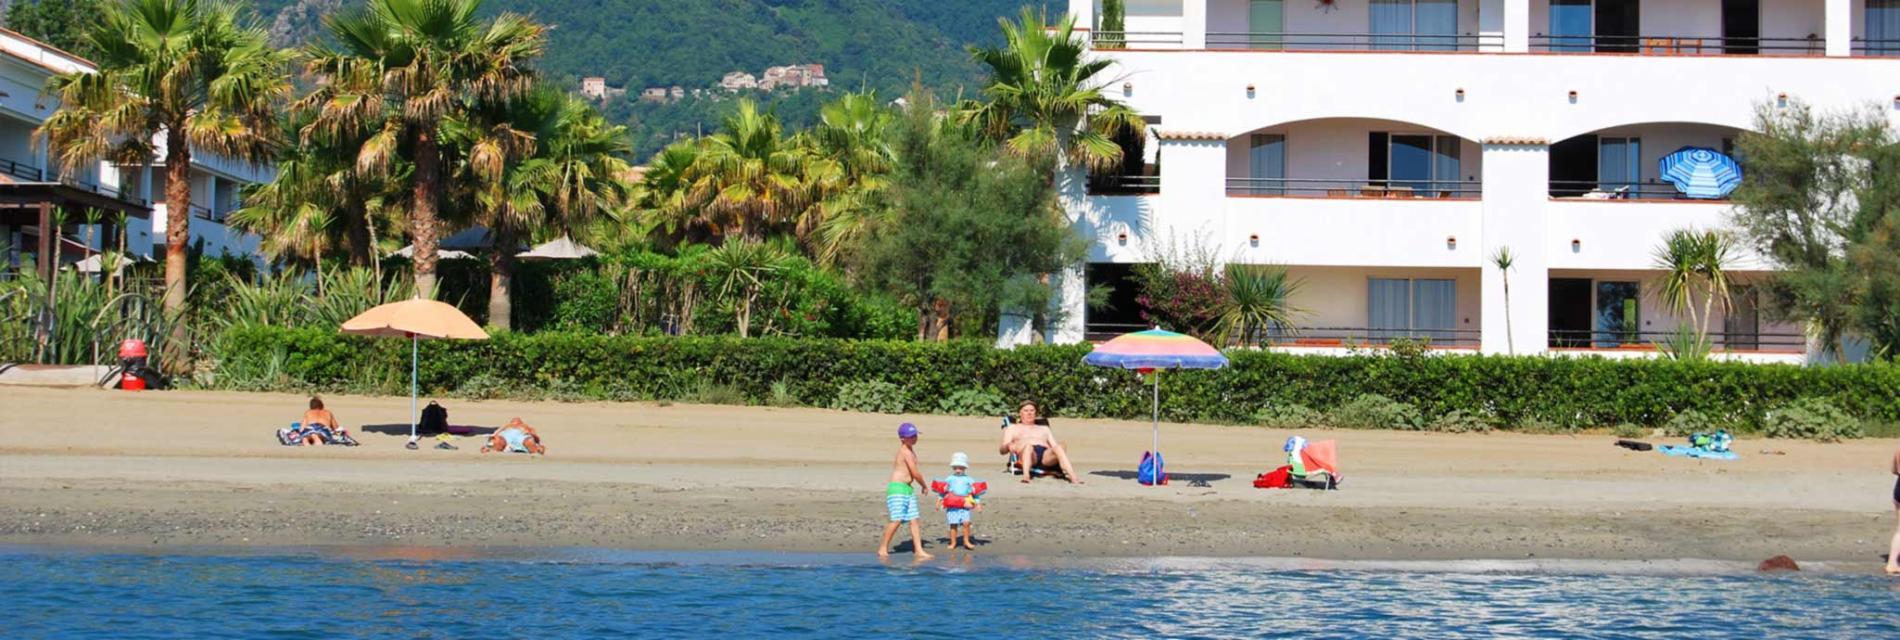 Slide la plage de la résidence